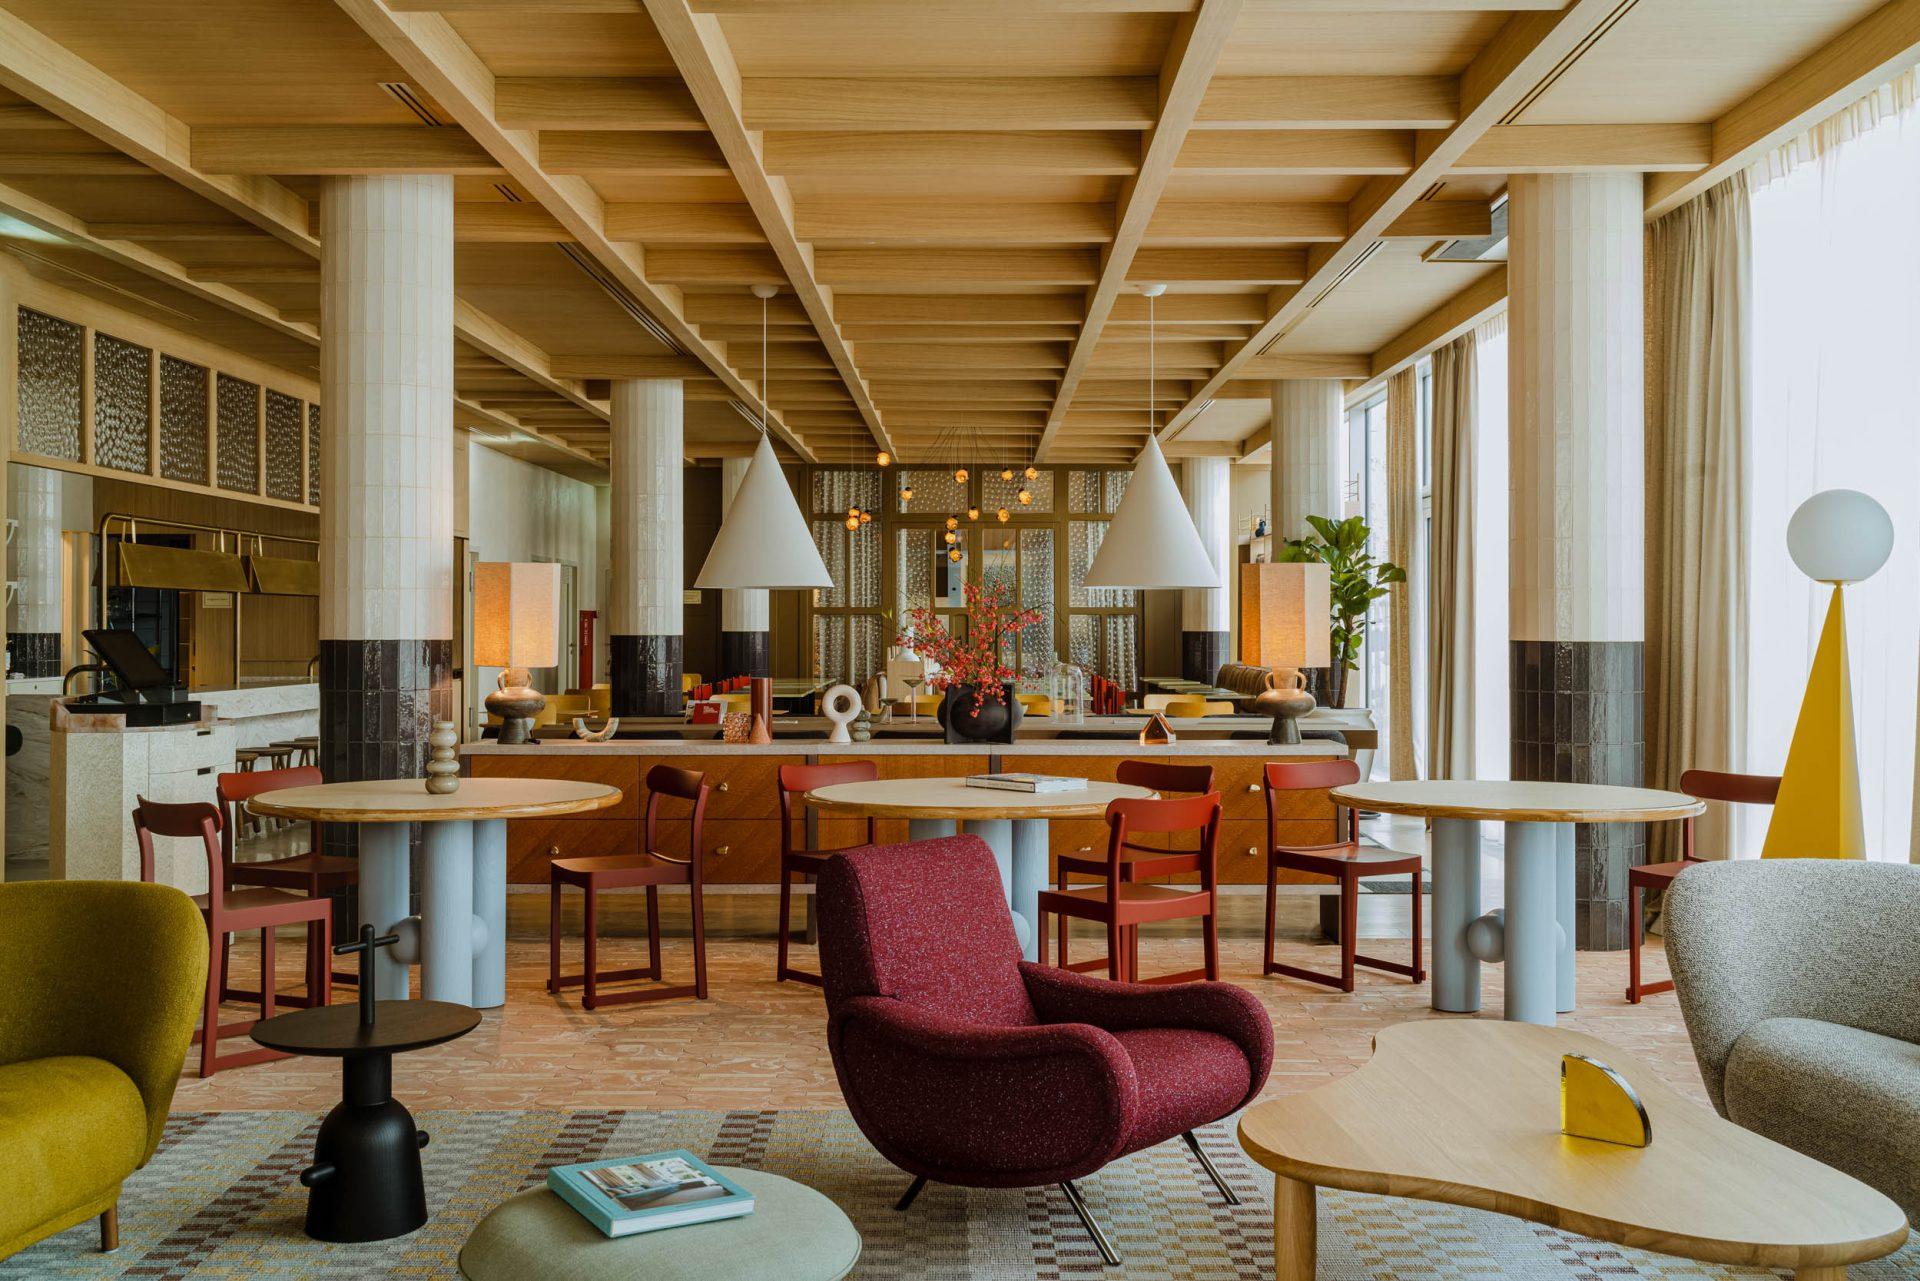 nowy_puro_hotel_krakow_old_town_paradowski_foto_pion_designalive-19